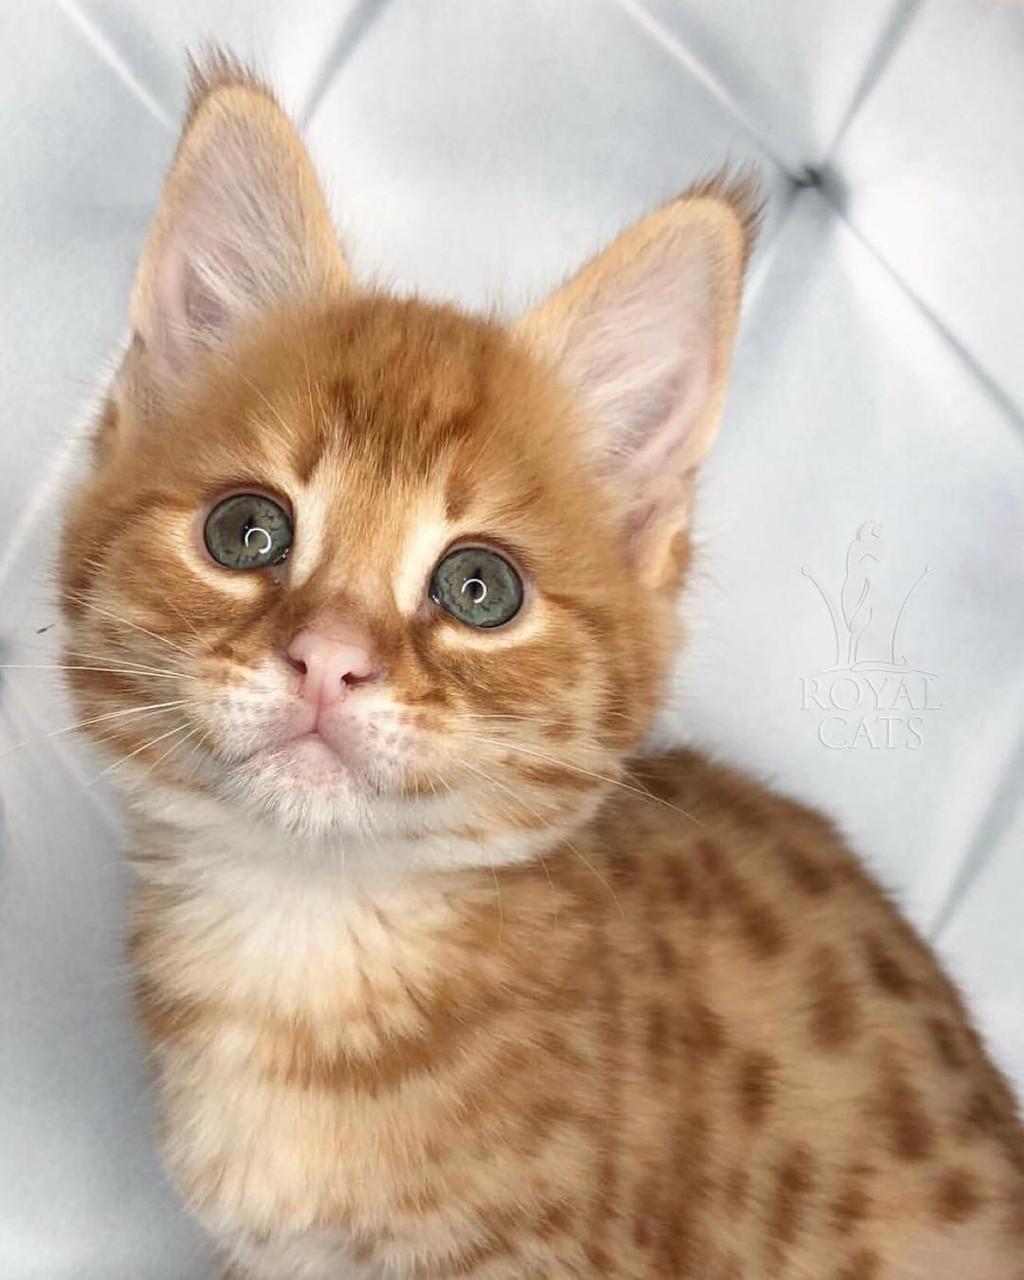 Мальчик 03.08.18. Котёнок Саванна Ф1 (Ашера) питомник Royal Cats